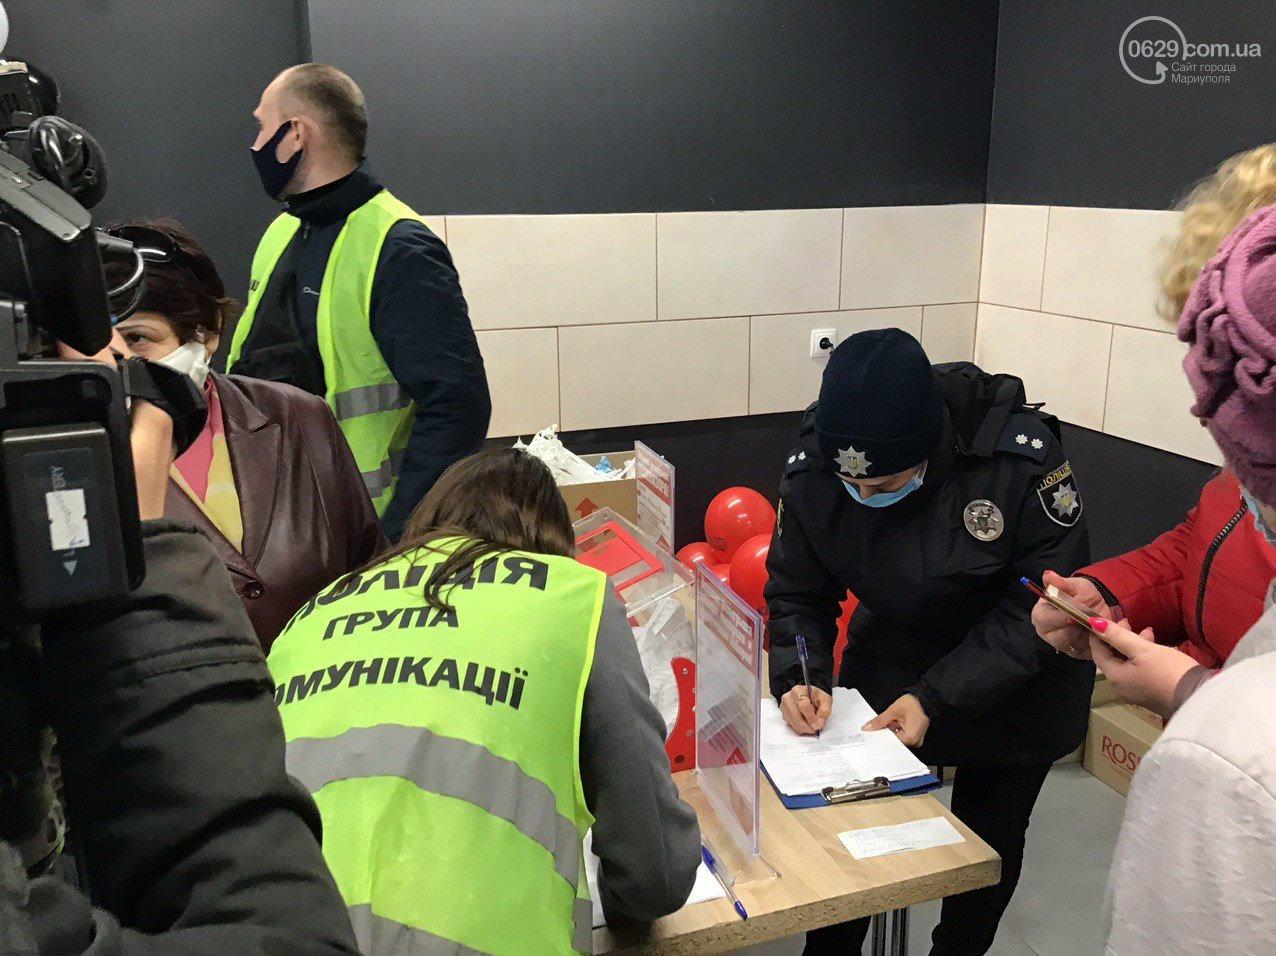 Маріупольці знехтували карантином й заради знижок штурмували супермаркет. ФОТО, фото-4, фото - 0629.com.ua